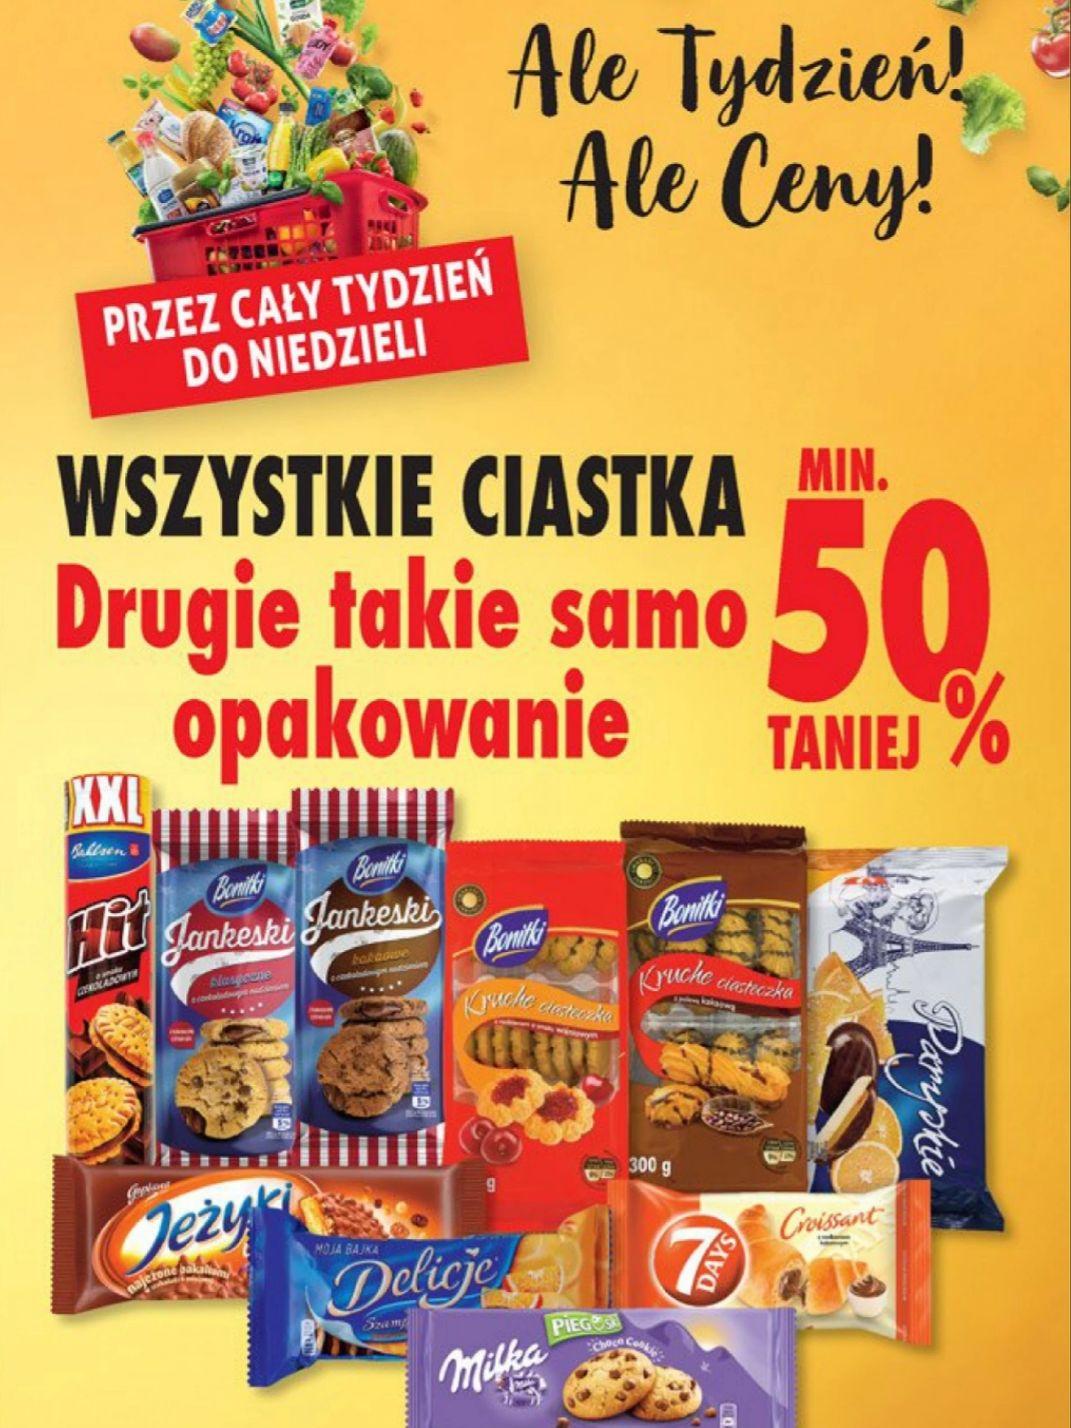 Wszystkie ciastka Drugie takie samo opakowanie min 50% taniej @Biedronka